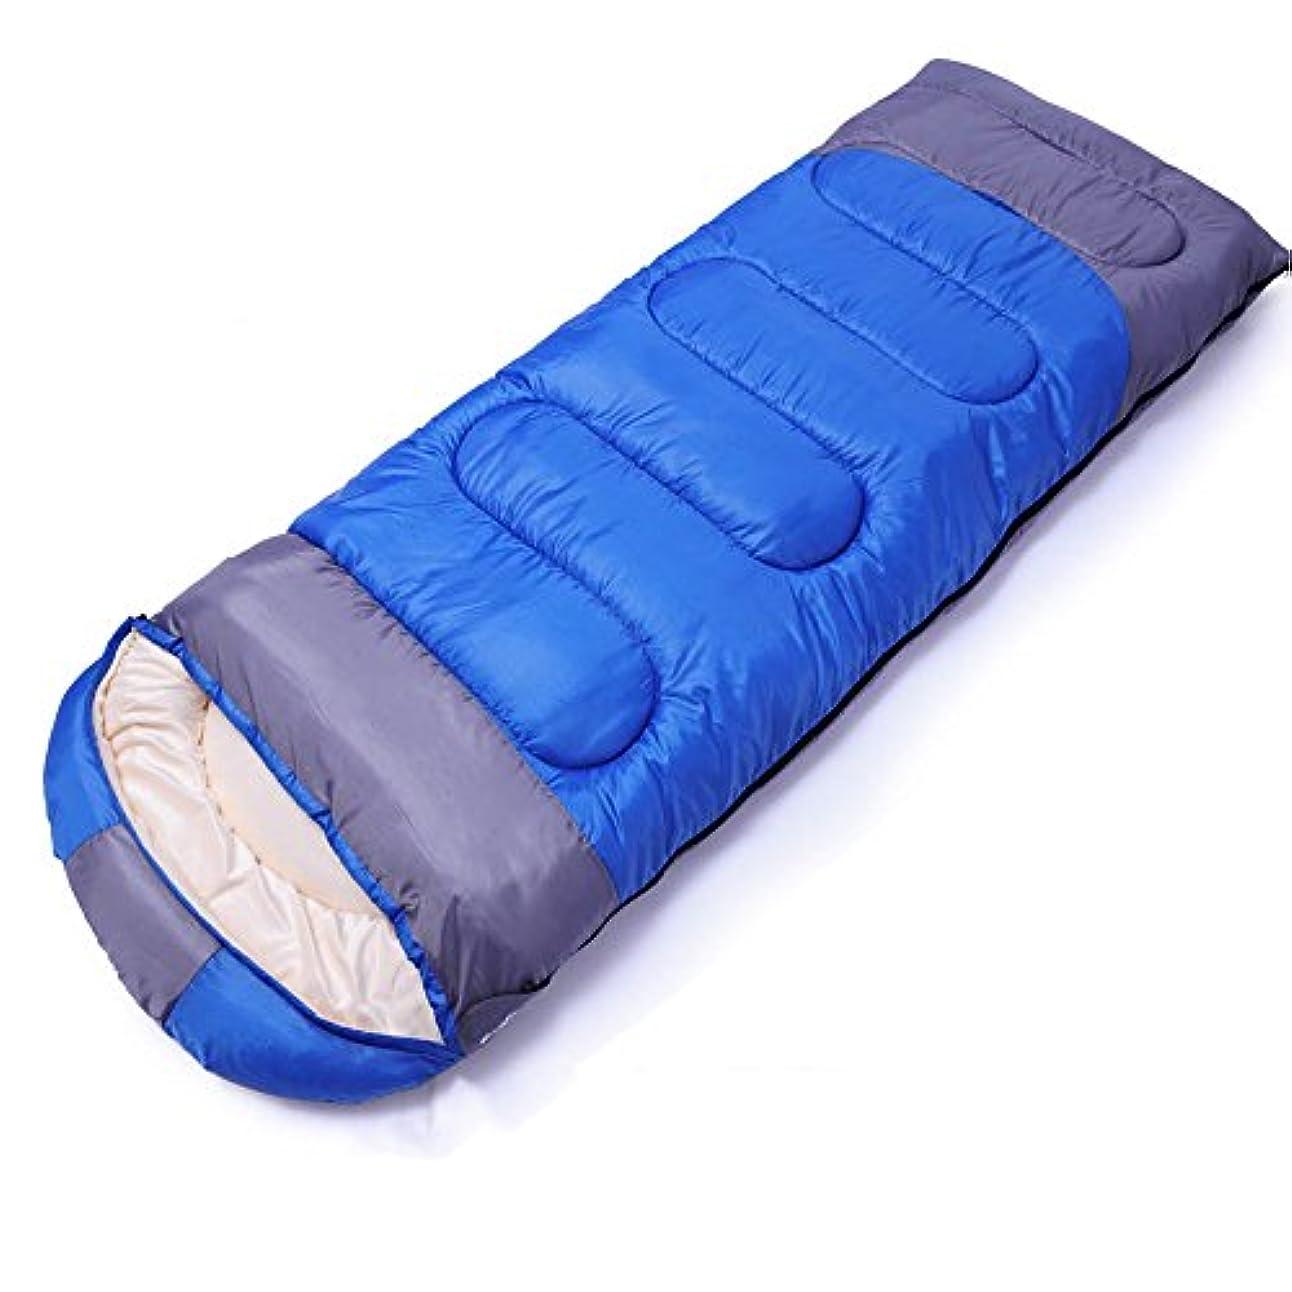 億必要としている優しさLJHA shuidai 寝袋冬の室内の厚い単一の寝袋大人の屋外旅行キャンプ寝袋 (色 : B)